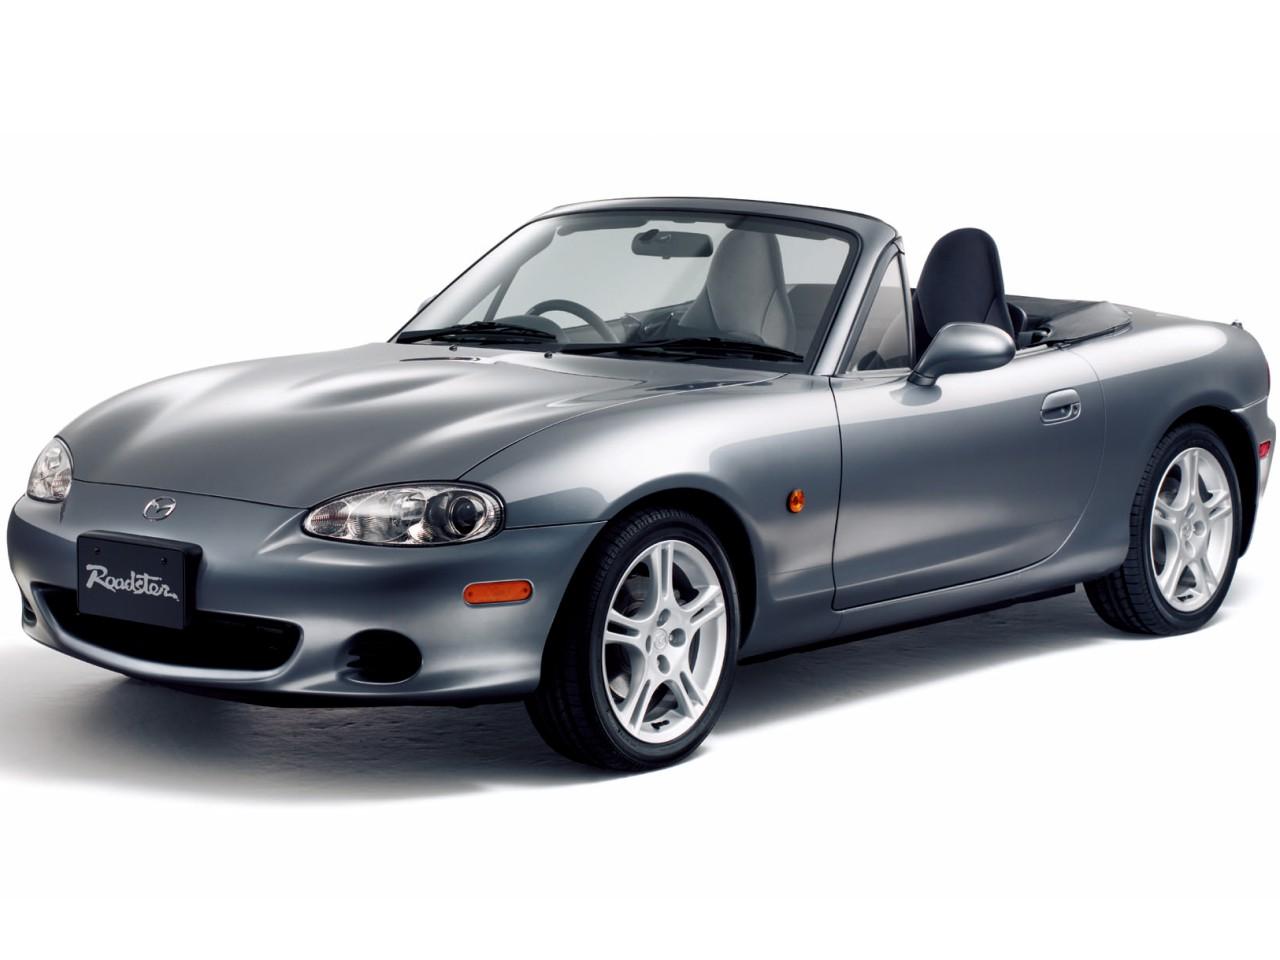 マツダ ロードスター 1998年モデル 新車画像